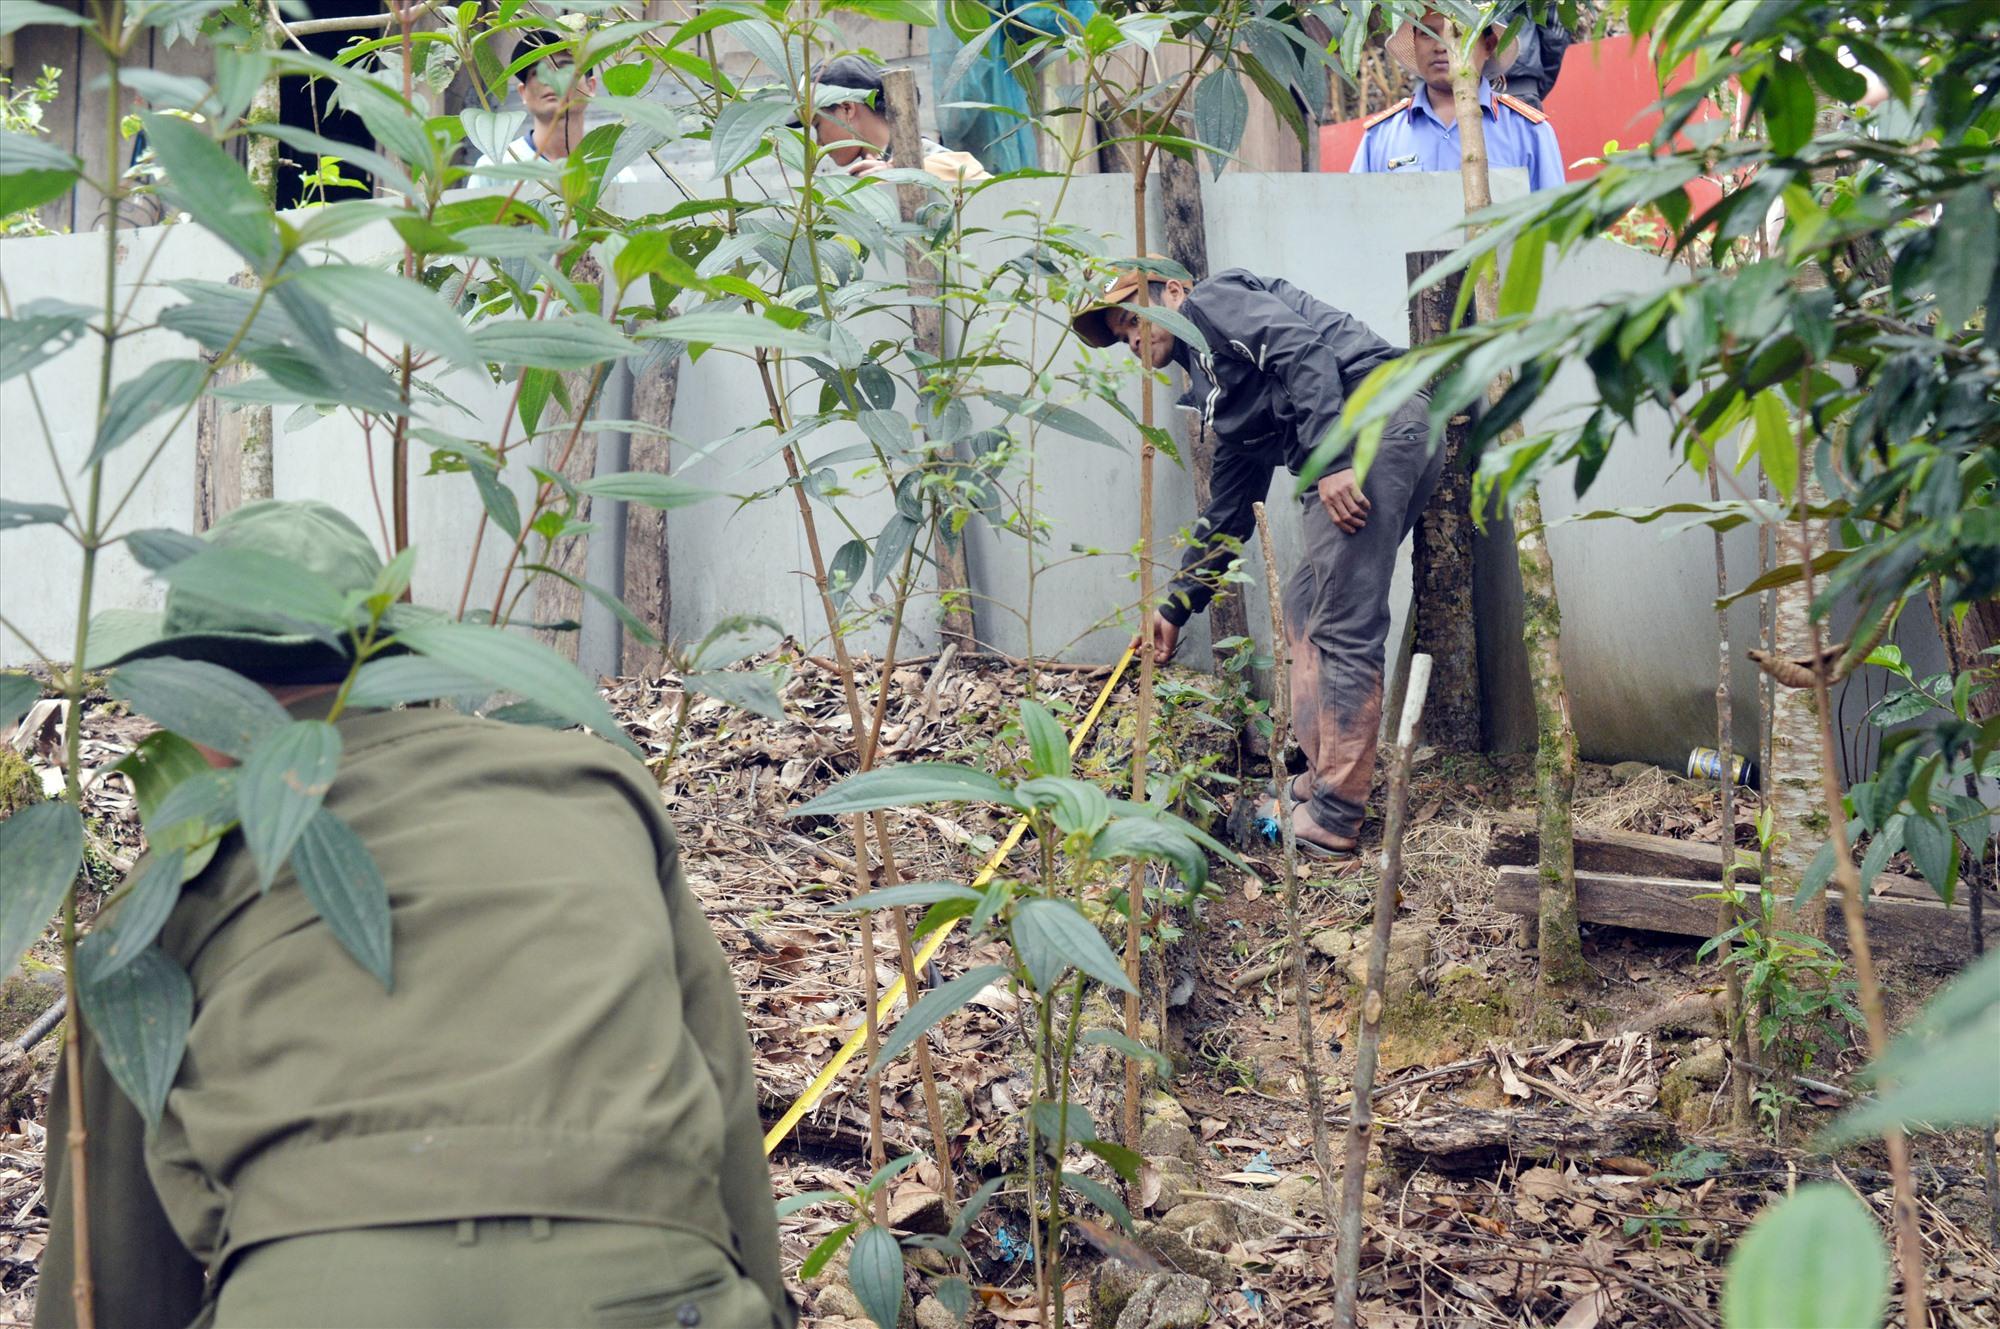 Lực lượng công an điều tra, làm rõ vụ trộm cắp sâm Ngọc Linh tại xã Trà Linh. (Ảnh do Công an huyện Nam Trà My cung cấp)